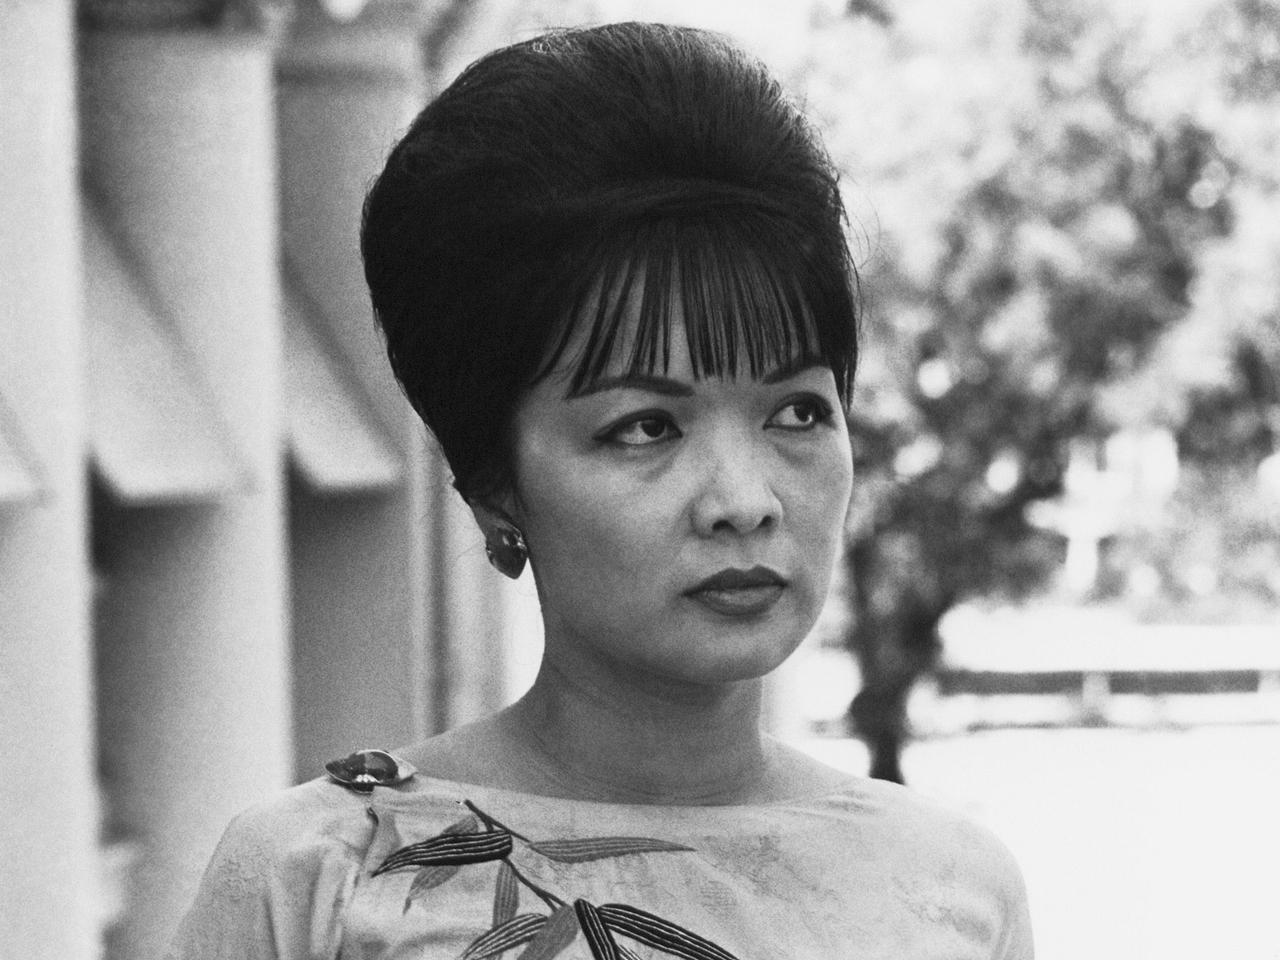 Hồi ức của bà Nhu về những người đàn ông đi qua cuộc đời mình